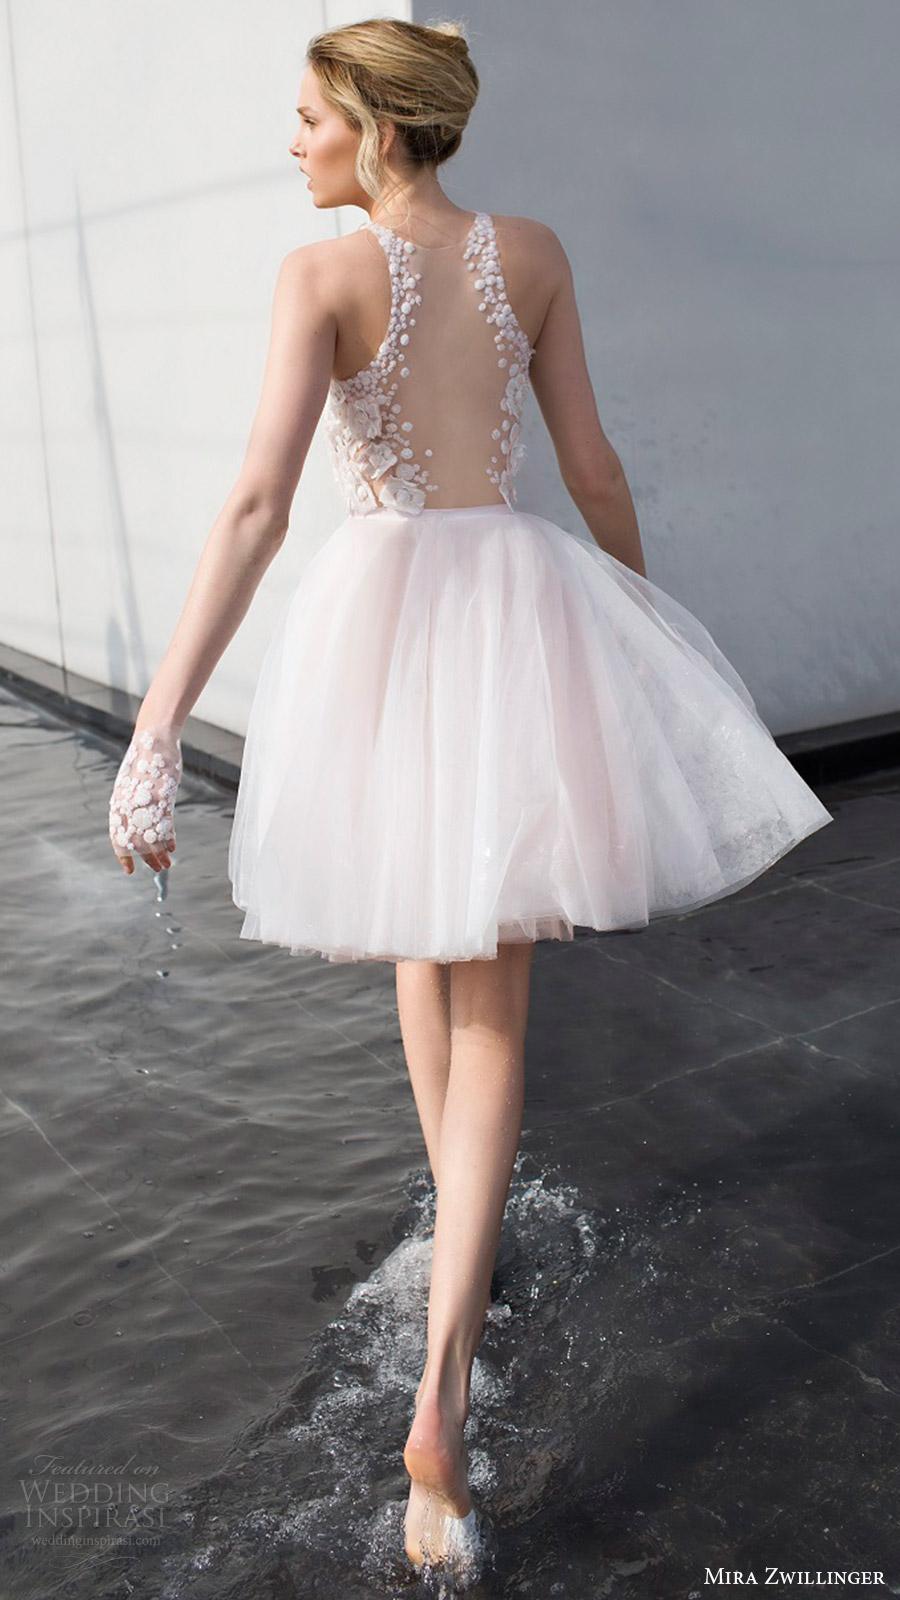 mira-zwillinger-bridal-2017-sleeveless-jewel-neck-short-wedding-dress-daisy-bv-illusion-back